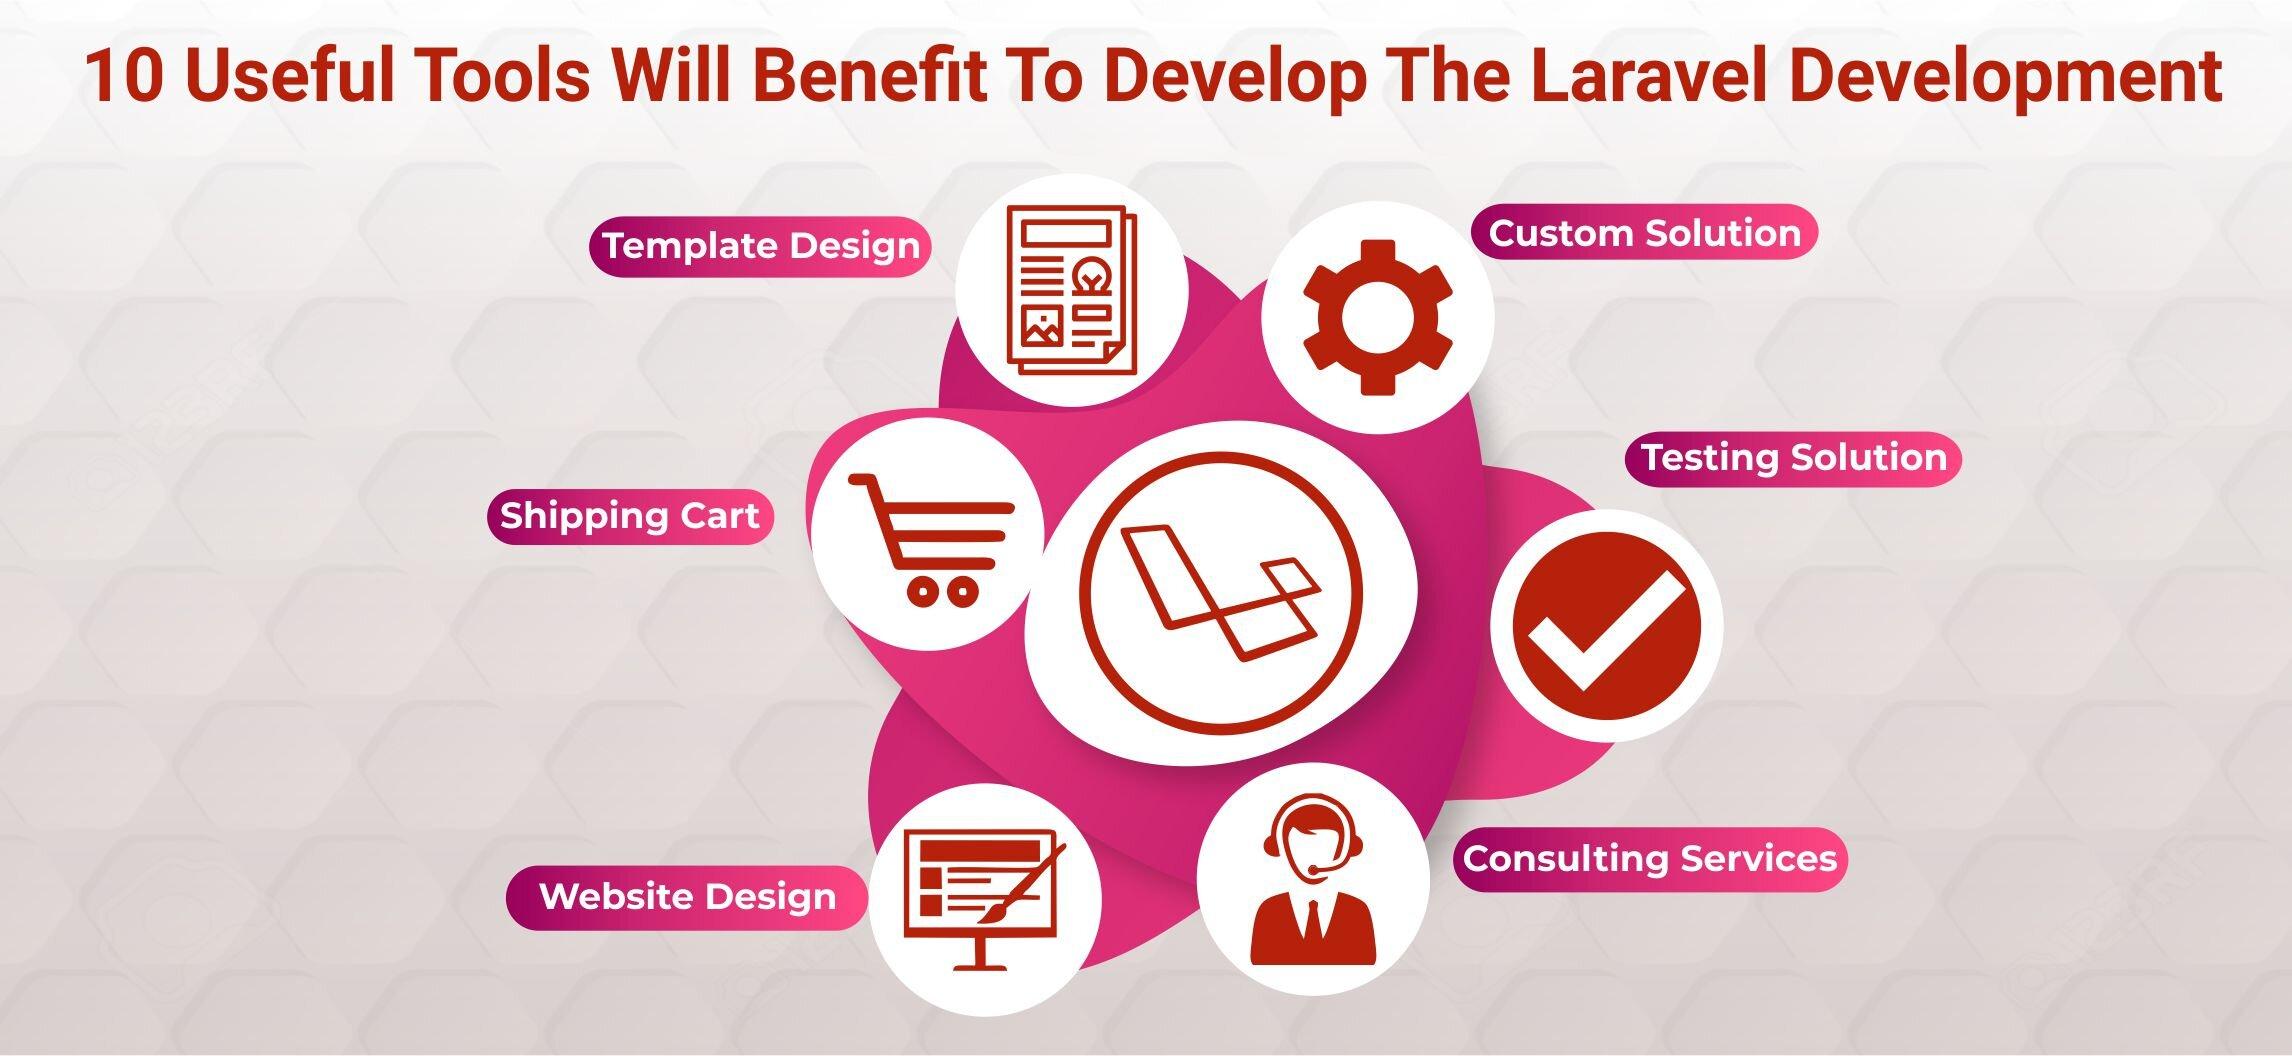 hire expert laravel developer